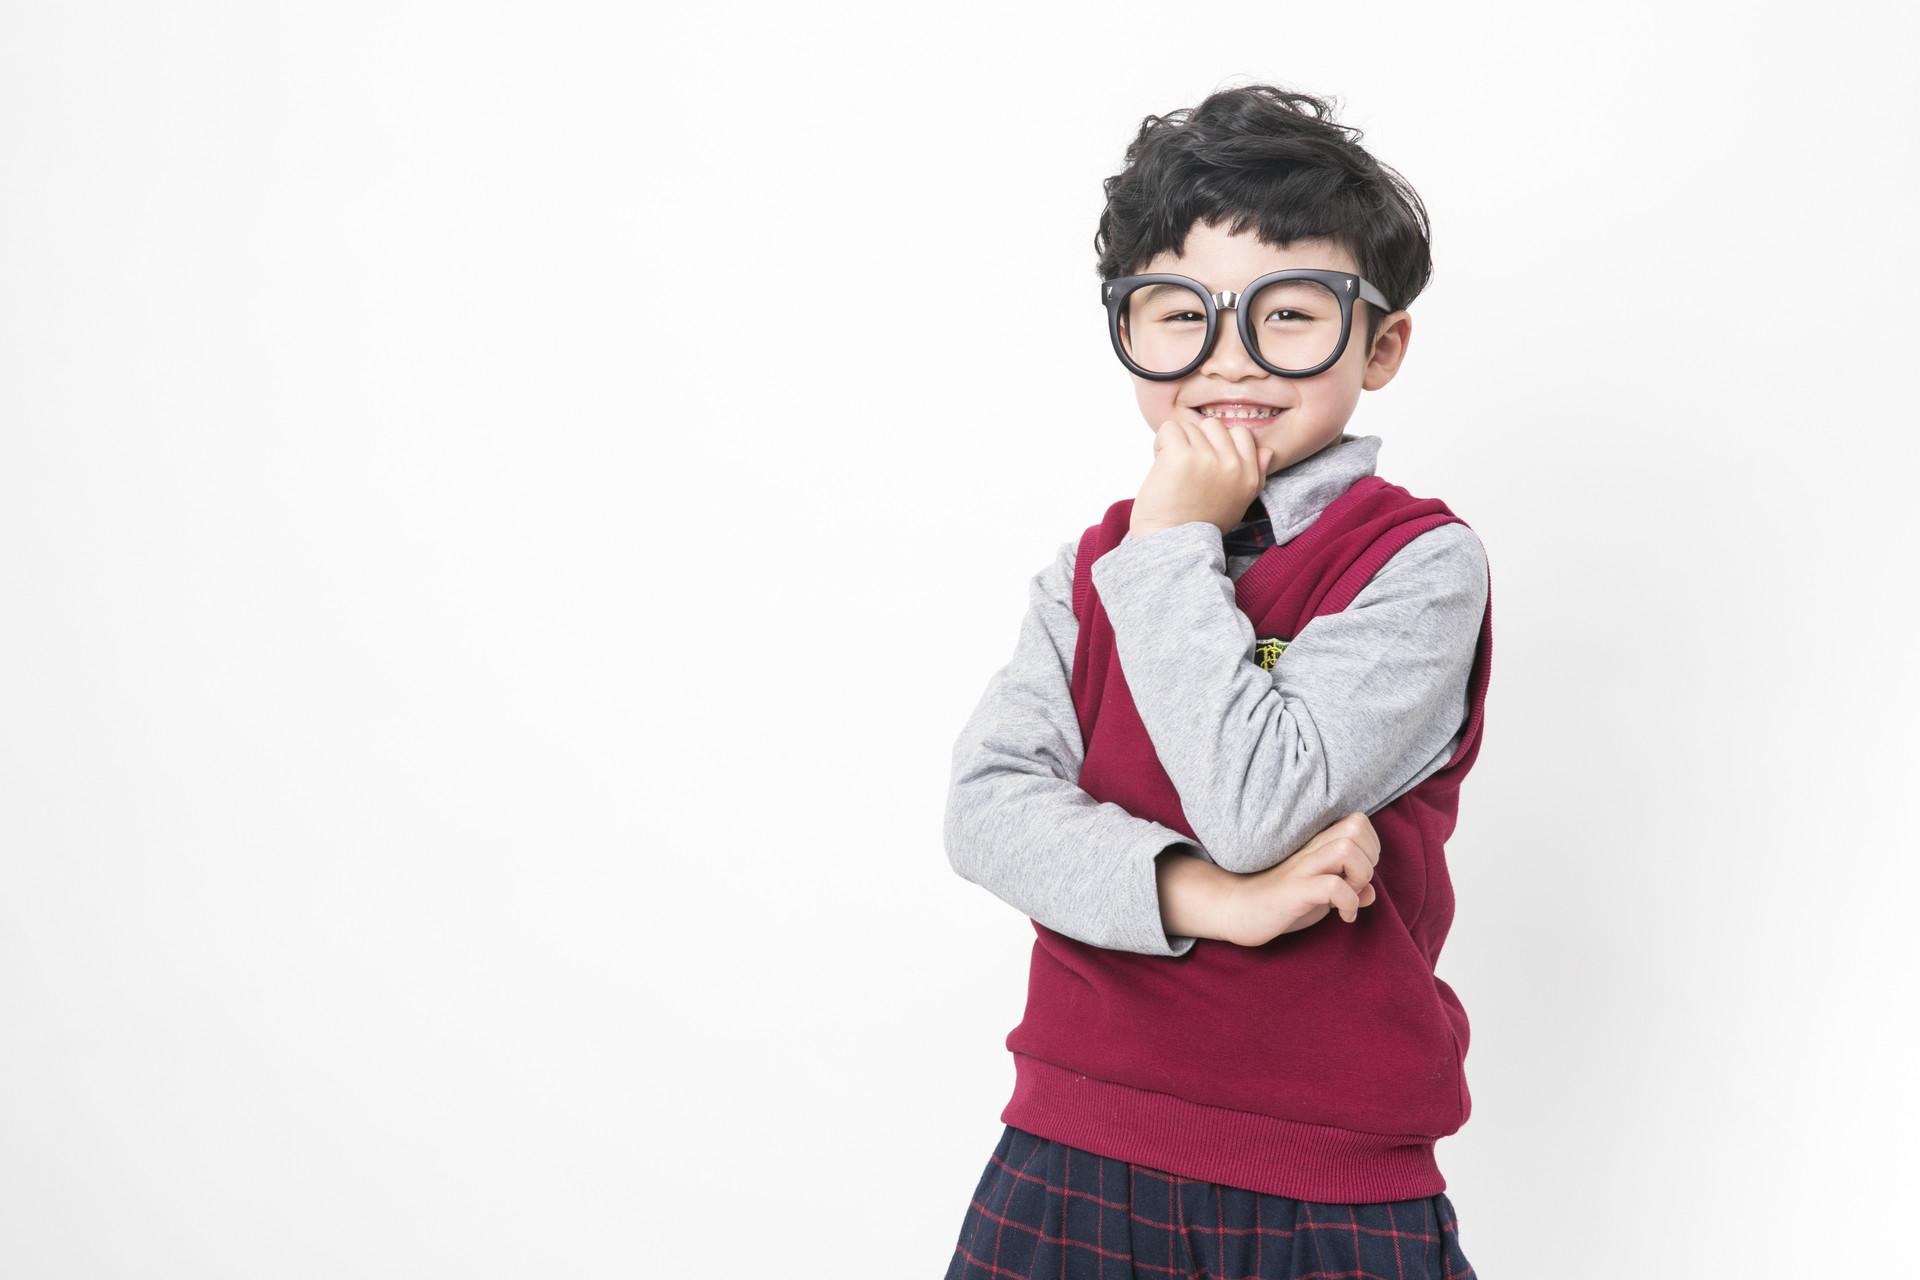 南通儿童注意力培训哪个好-南通远徒学习能力